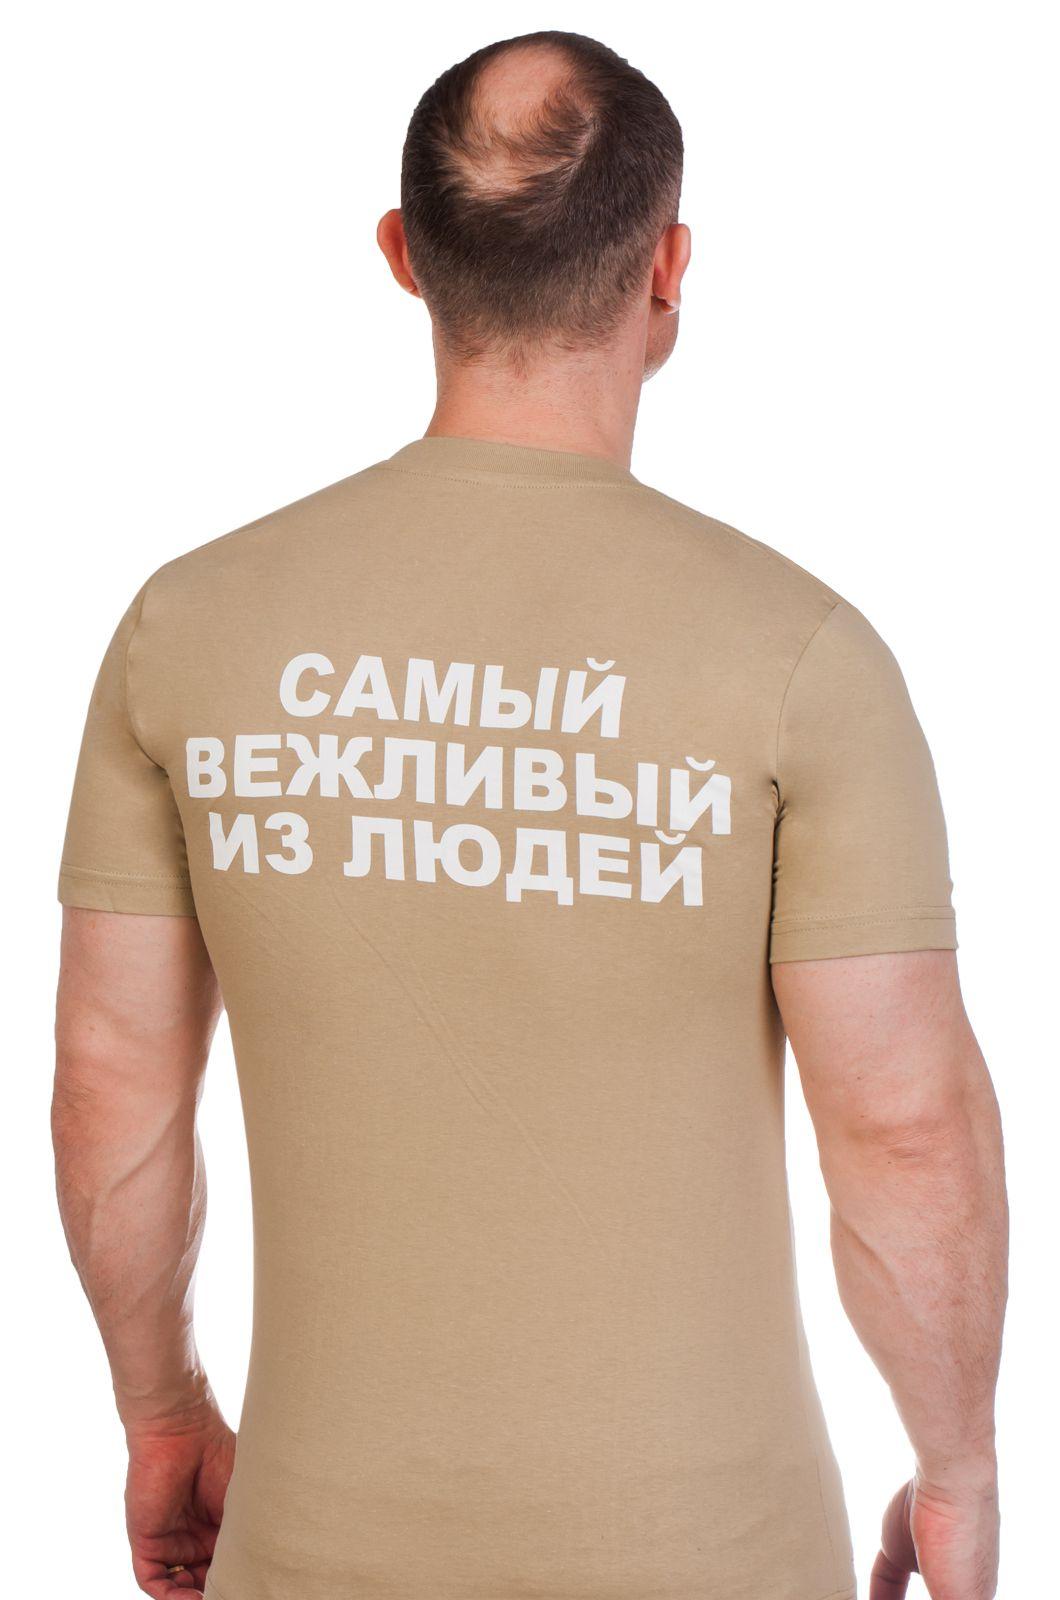 Футболка с Путиным по выгодной цене